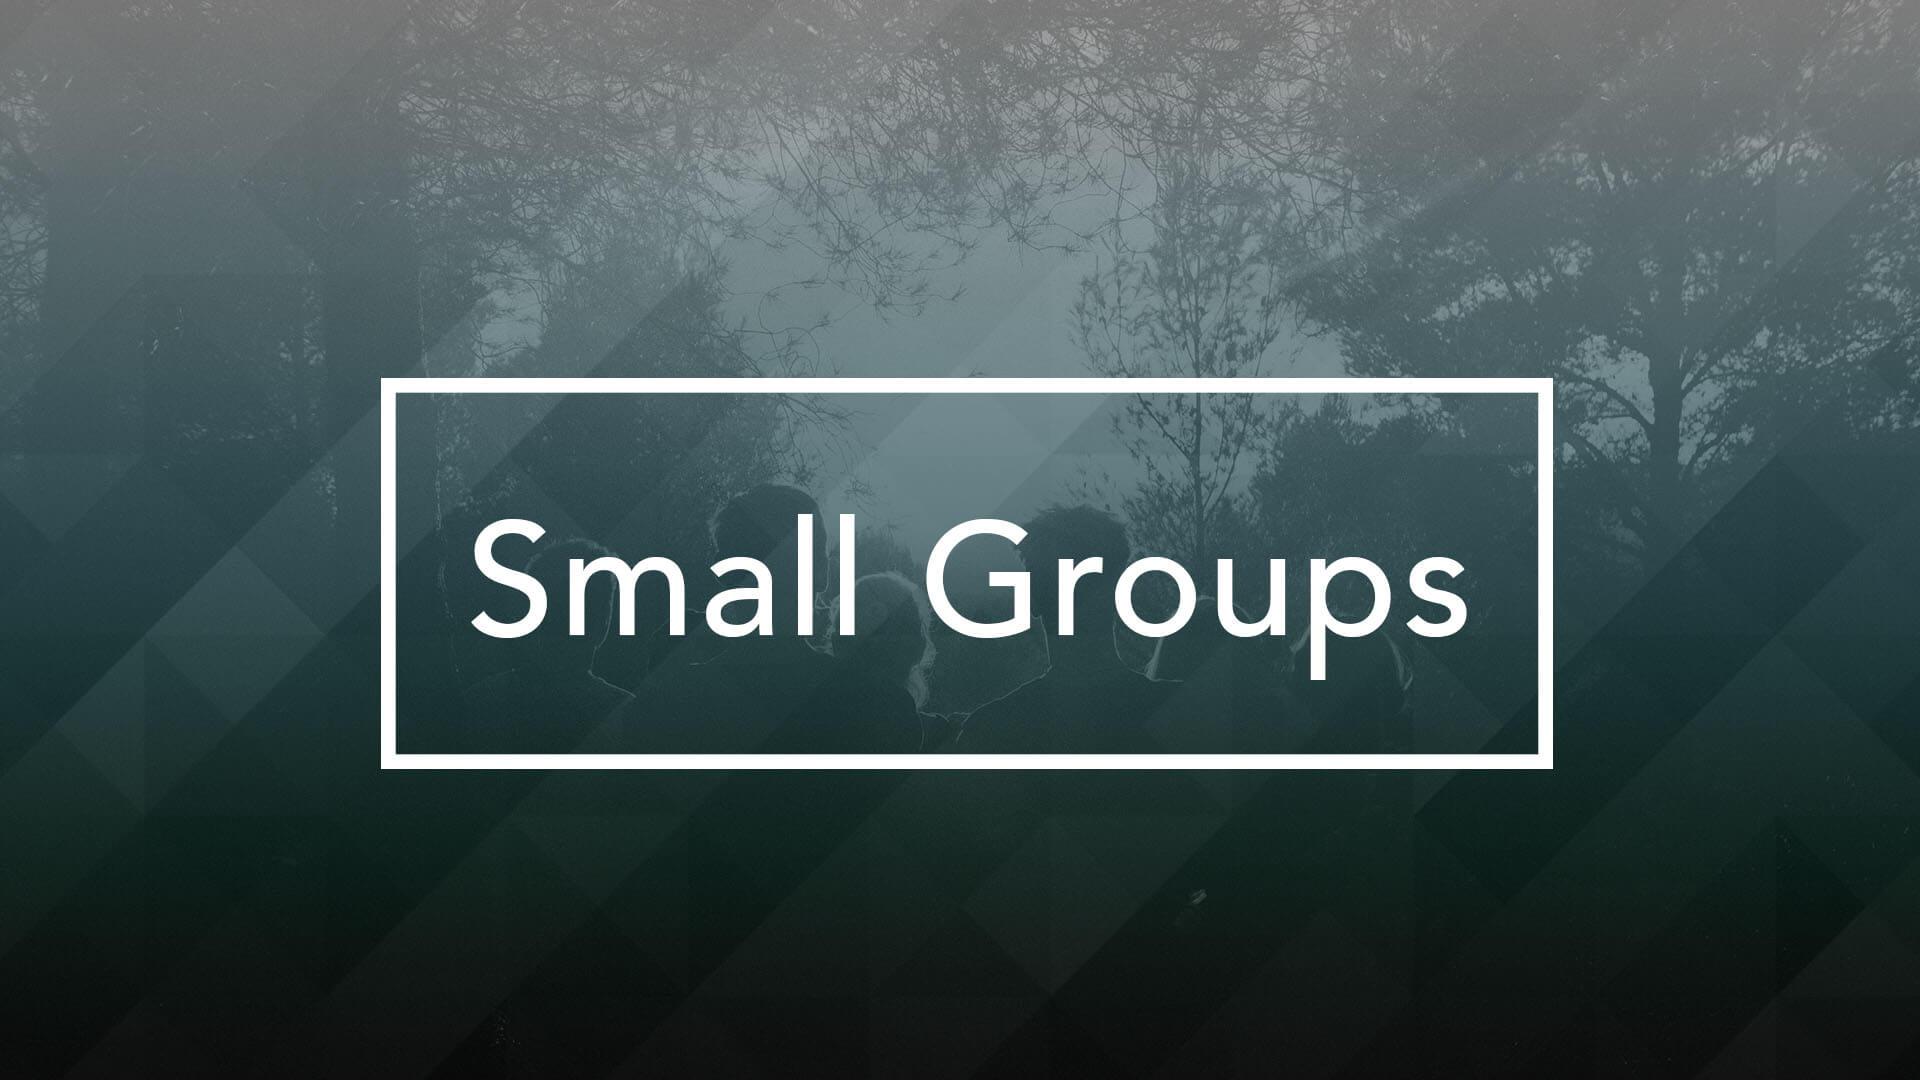 Smallgroupsdark